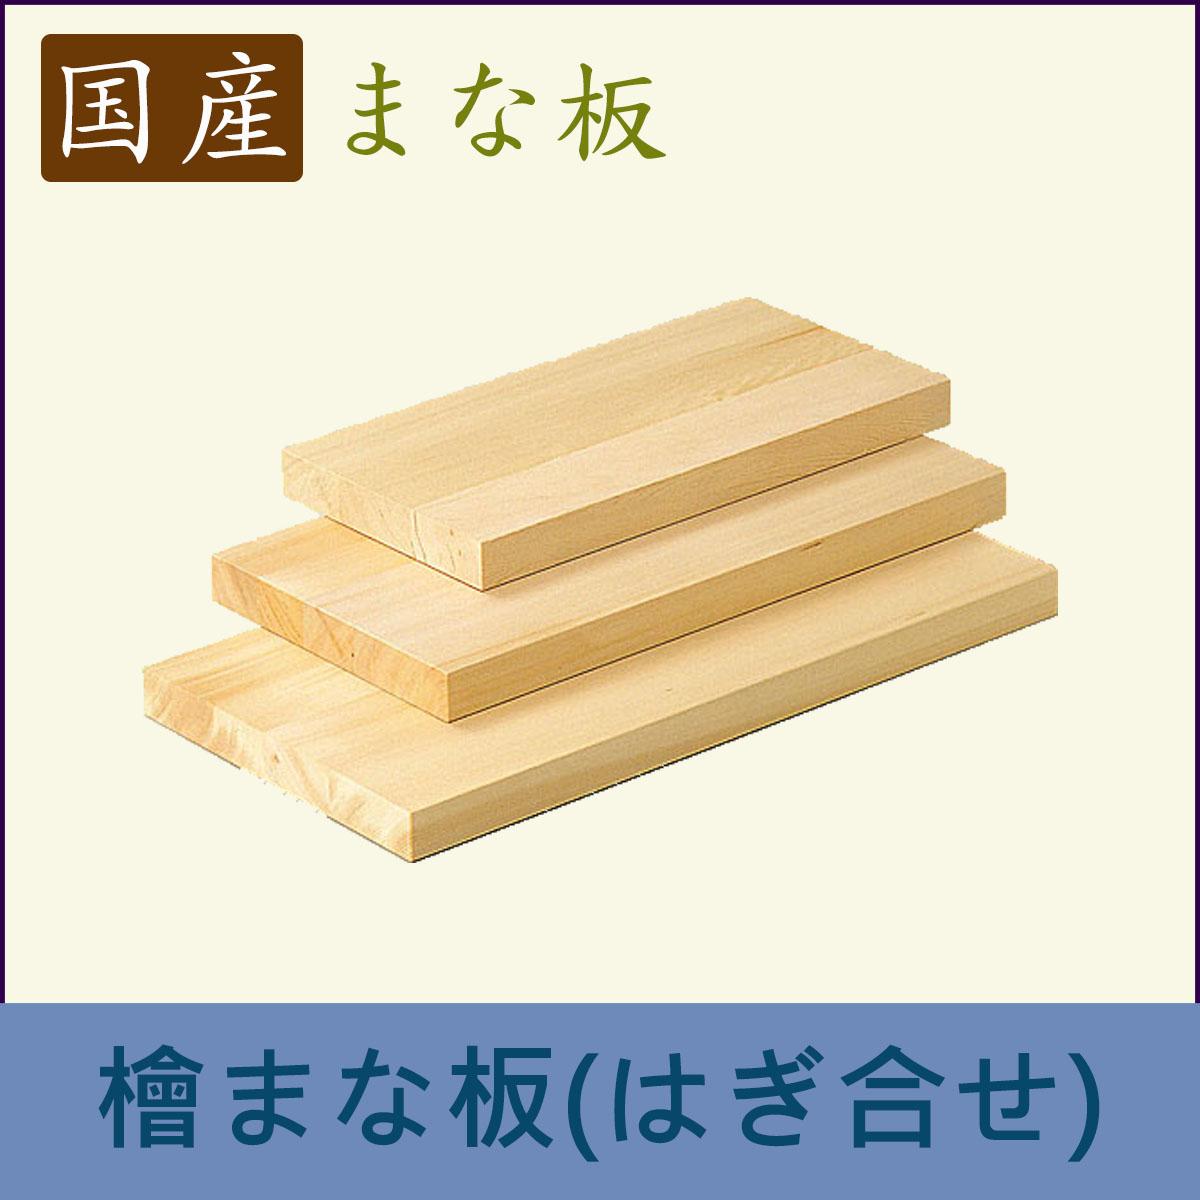 まな板 国産 檜まな板 はぎ合せ   約48x24xH3cm